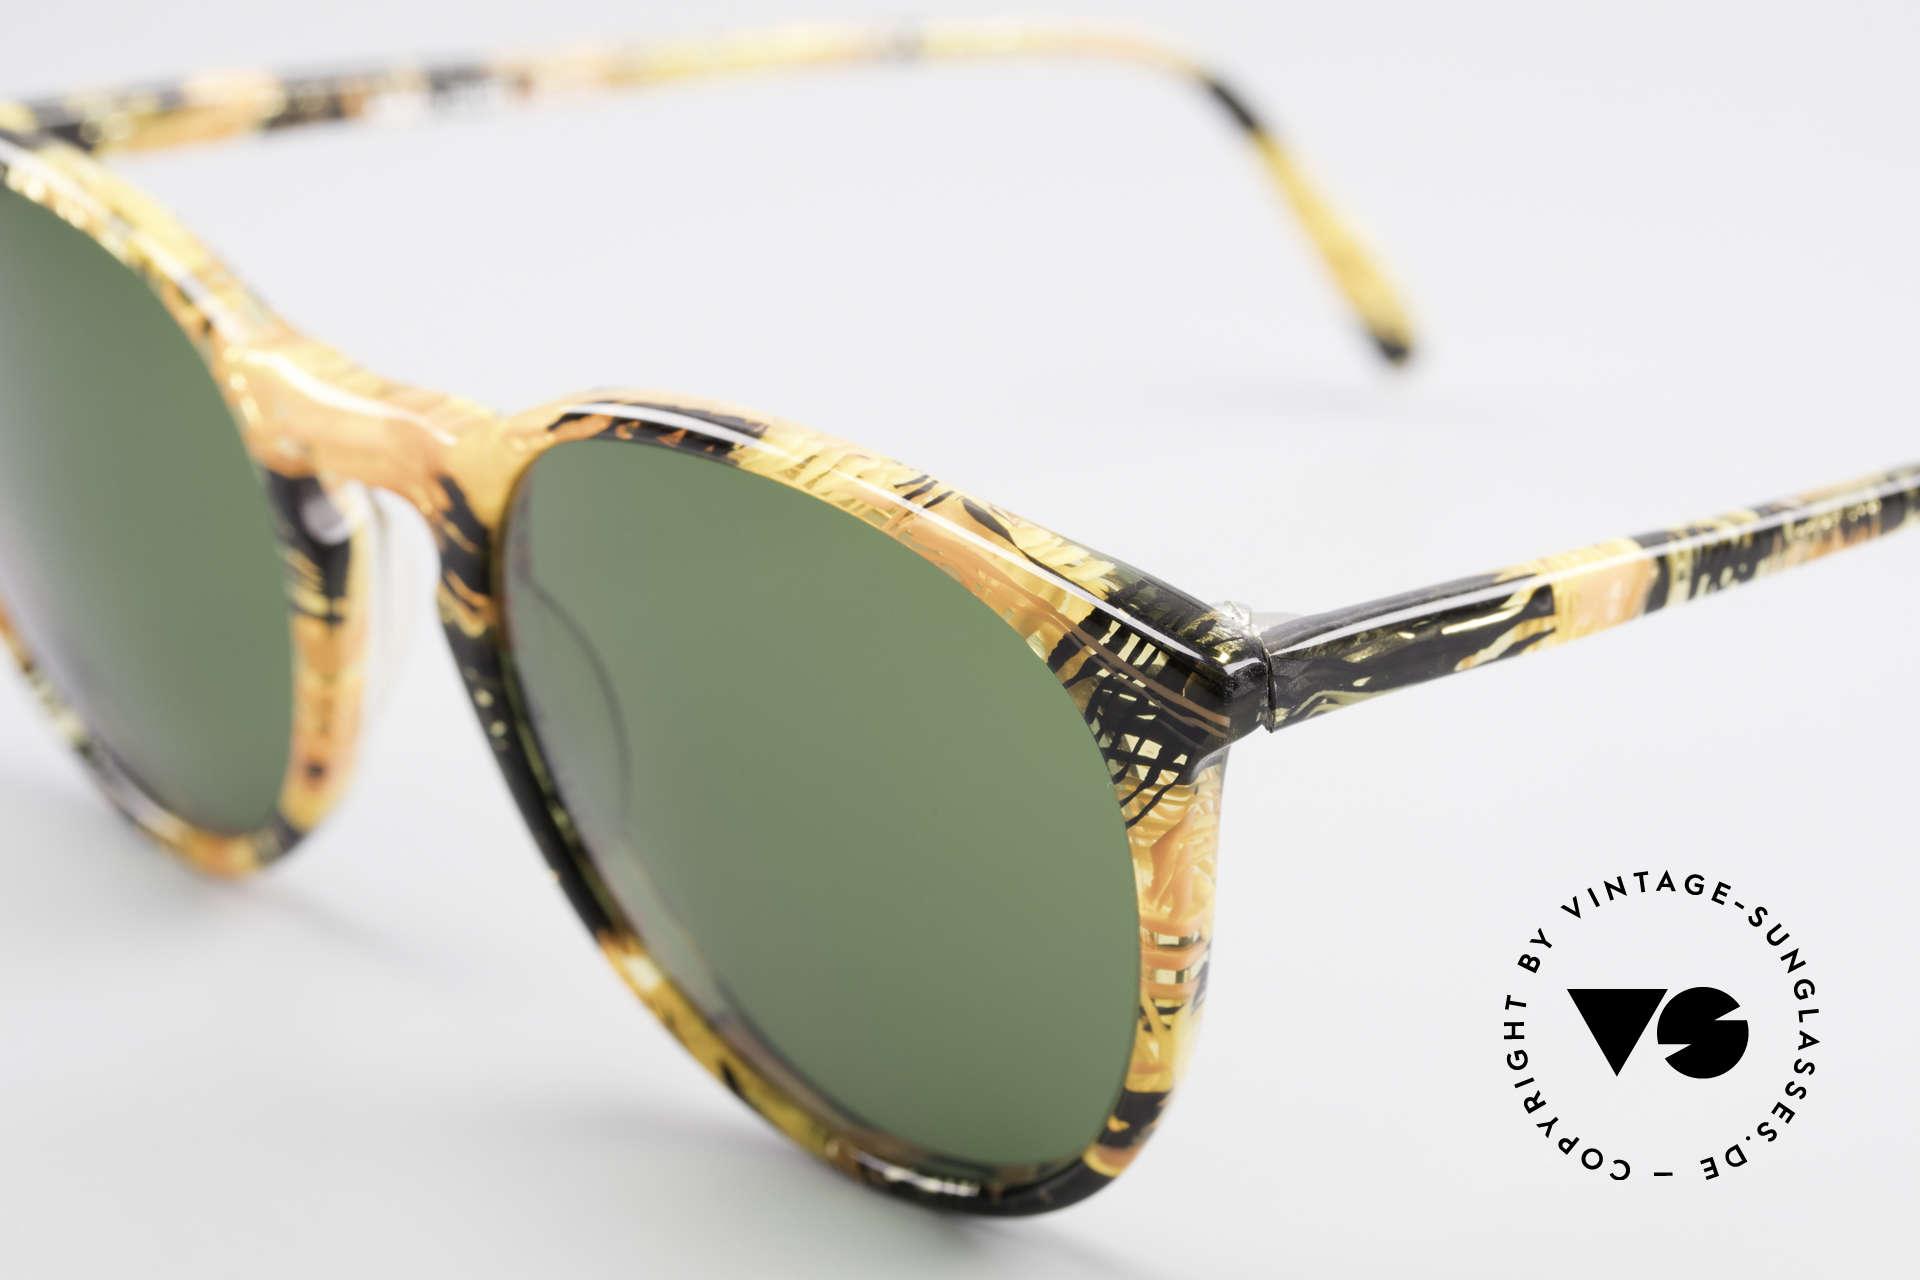 Alain Mikli 901 / 393 Bernstein Optik Panto Brille, grasgrüne Gläser (100% UV); SMALL Größe (123mm), Passend für Herren und Damen